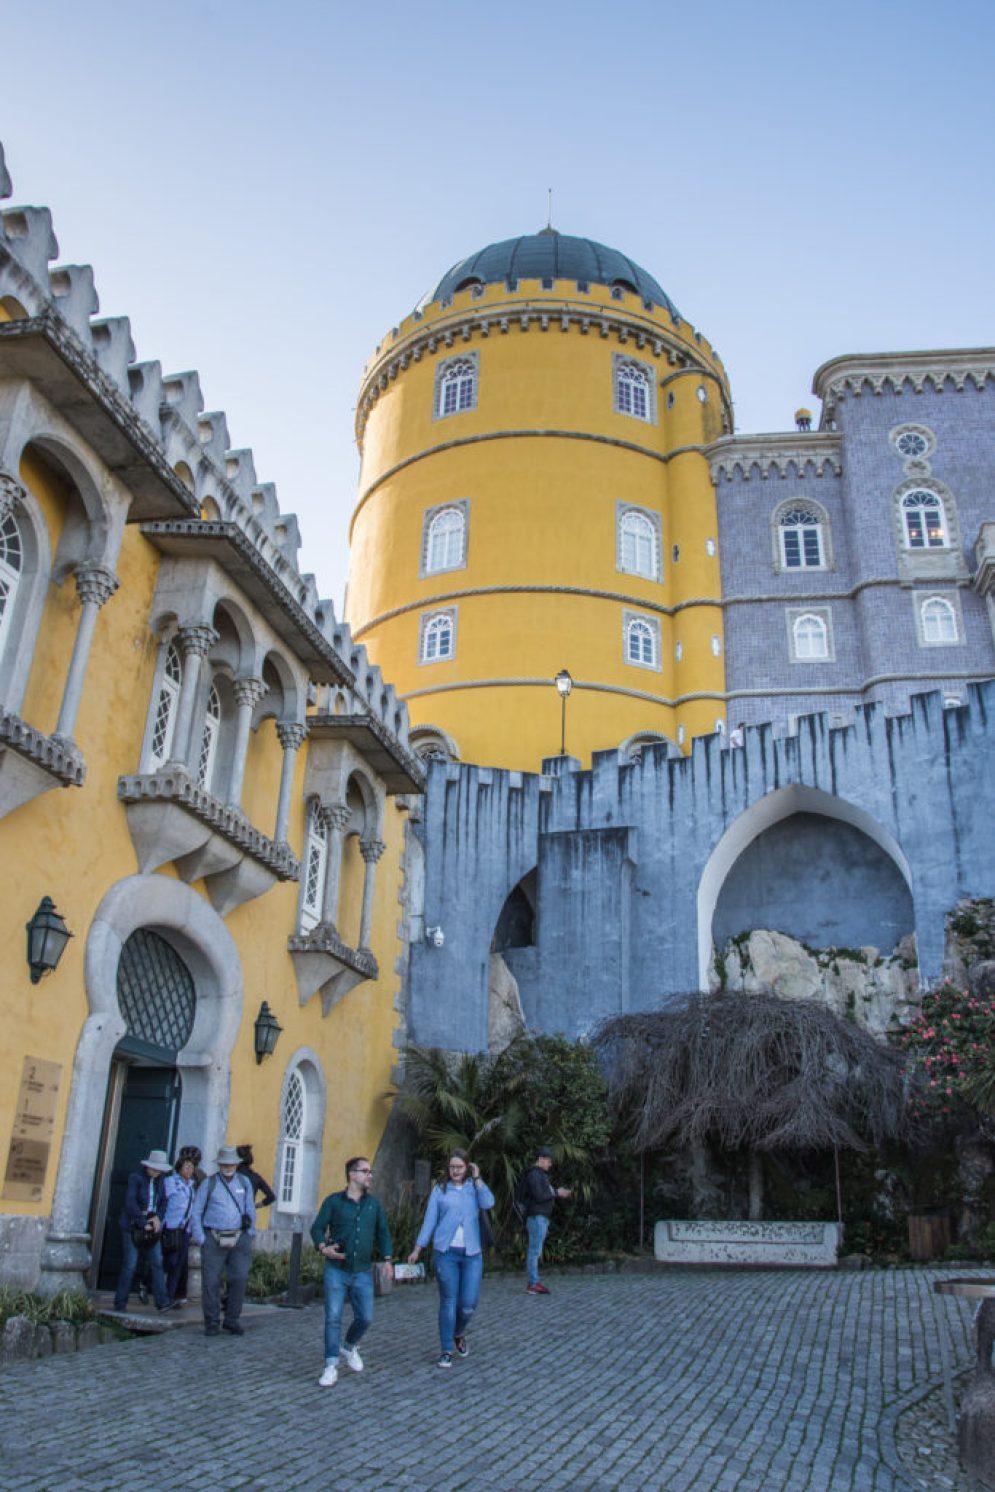 Palác Pena postavený na hornatých vršcích pohoří Serra de Sintra v krásné a exotické zahradě vás vrátí zpět do dětských let a probudí vaši romantickou duši.